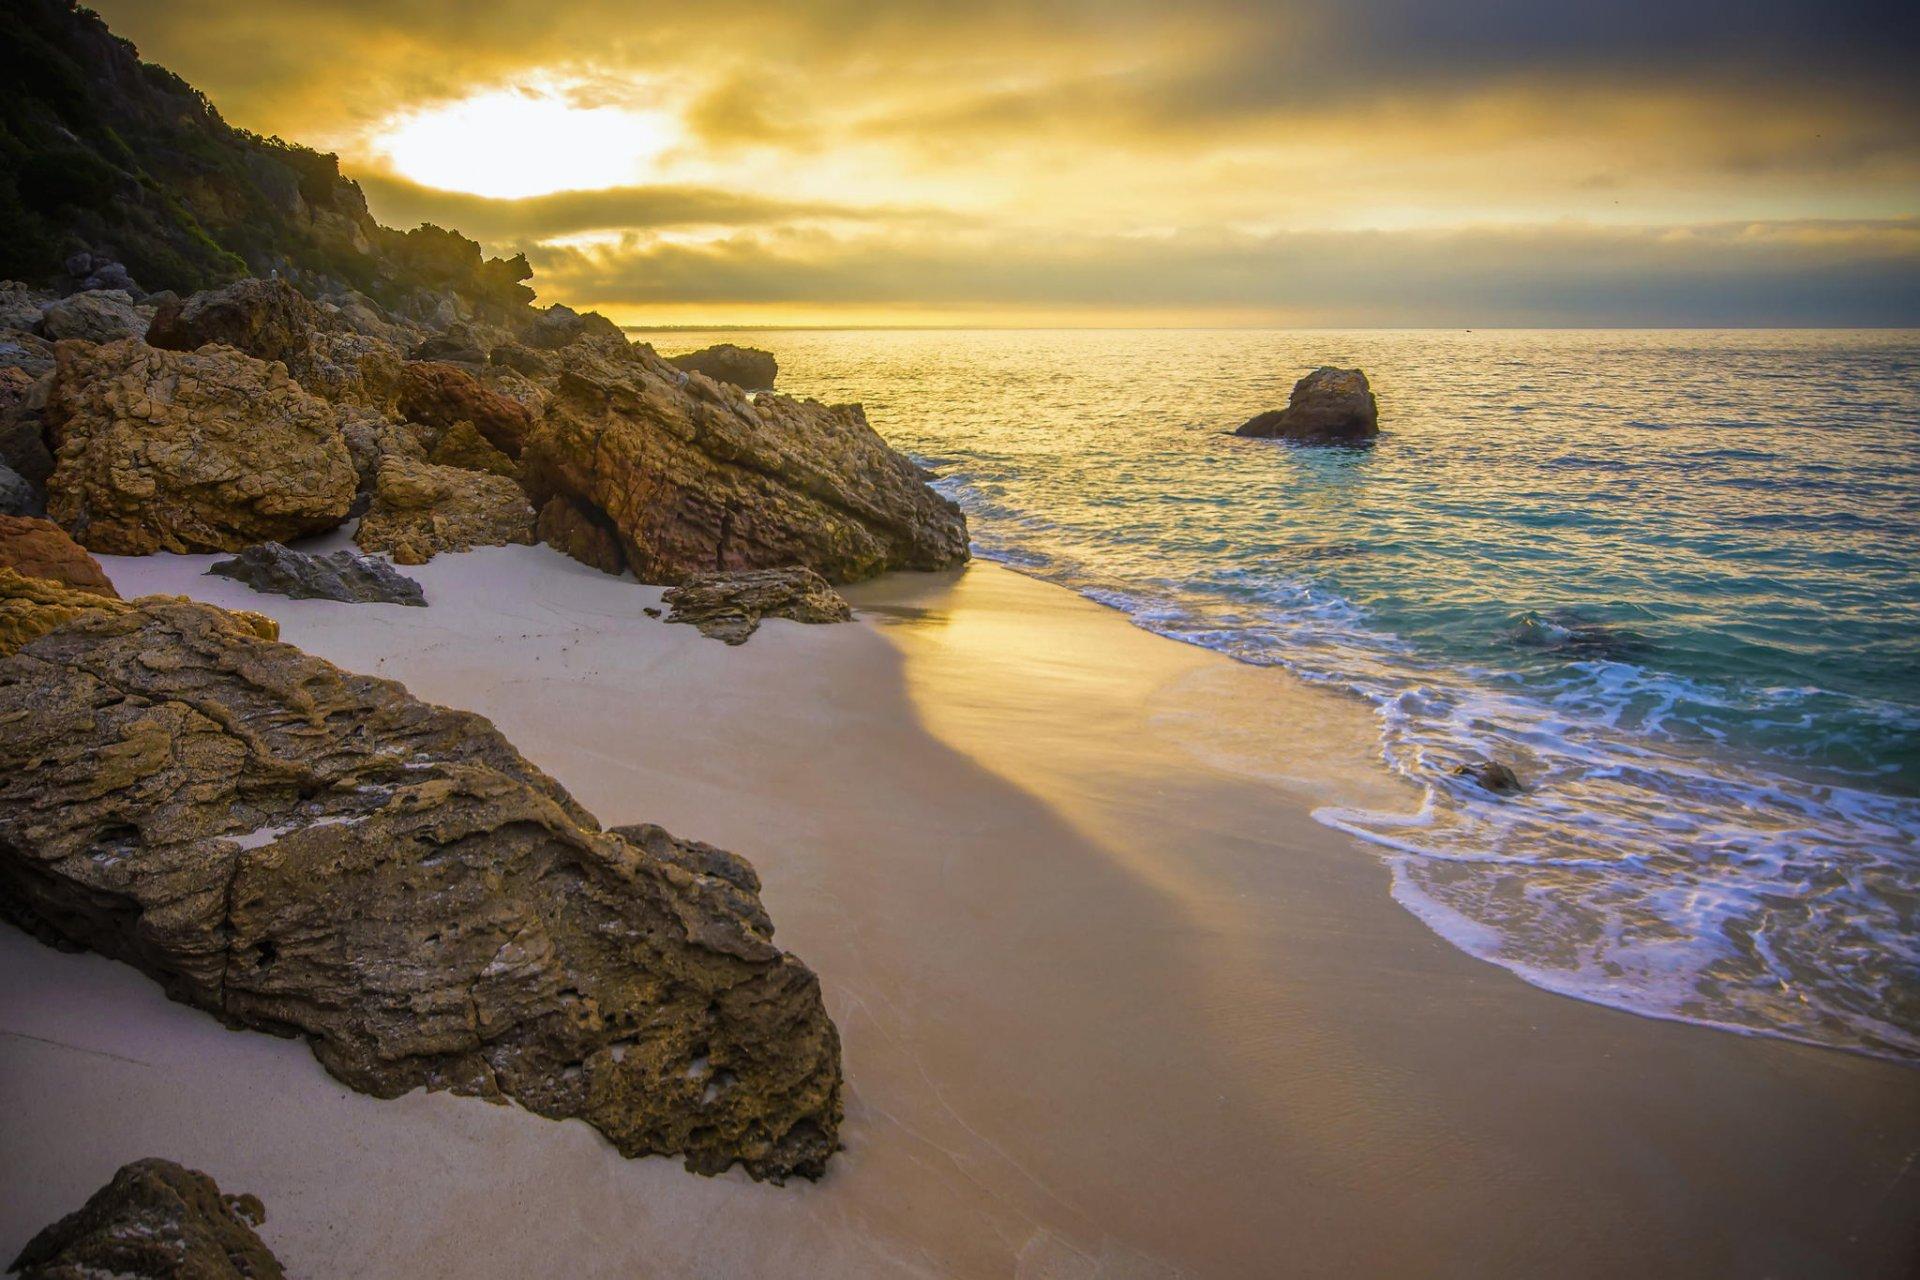 Скалы берег море солнце  № 2719631 бесплатно